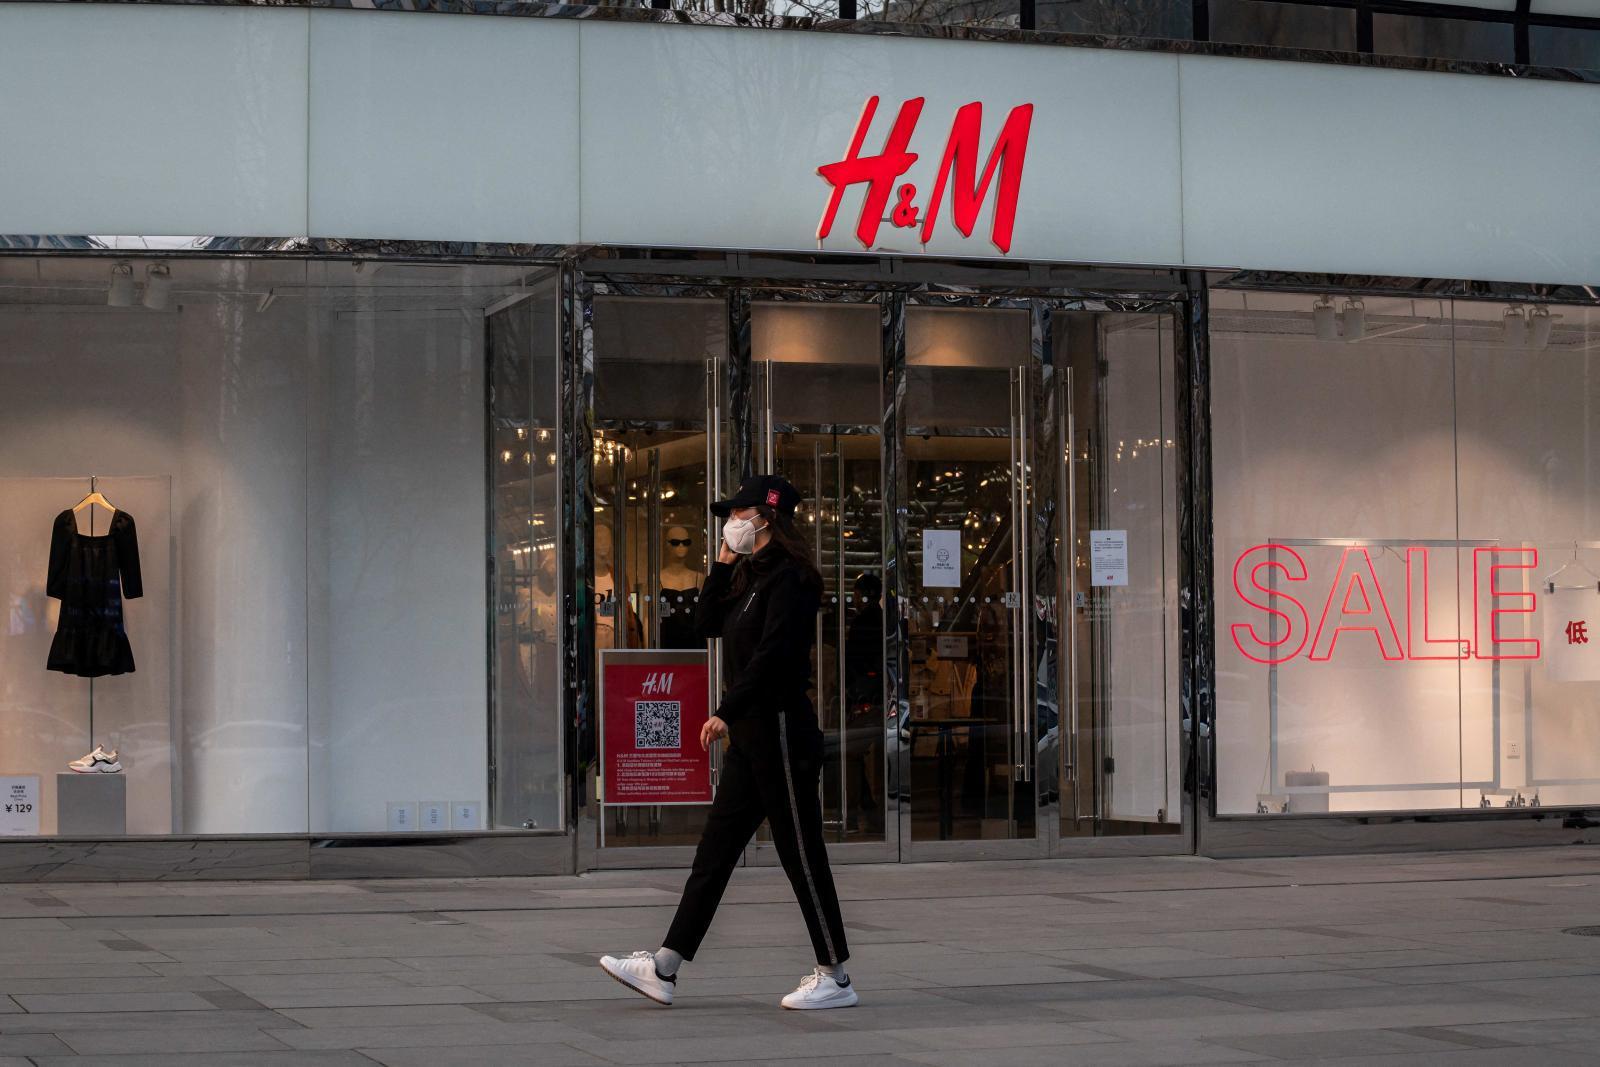 """""""H&M"""" ระงับคำสั่งผลิตสินค้าในเมียนมา ตอบโต้กองทัพใช้ความรุนแรงกับผู้ชุมนุม"""